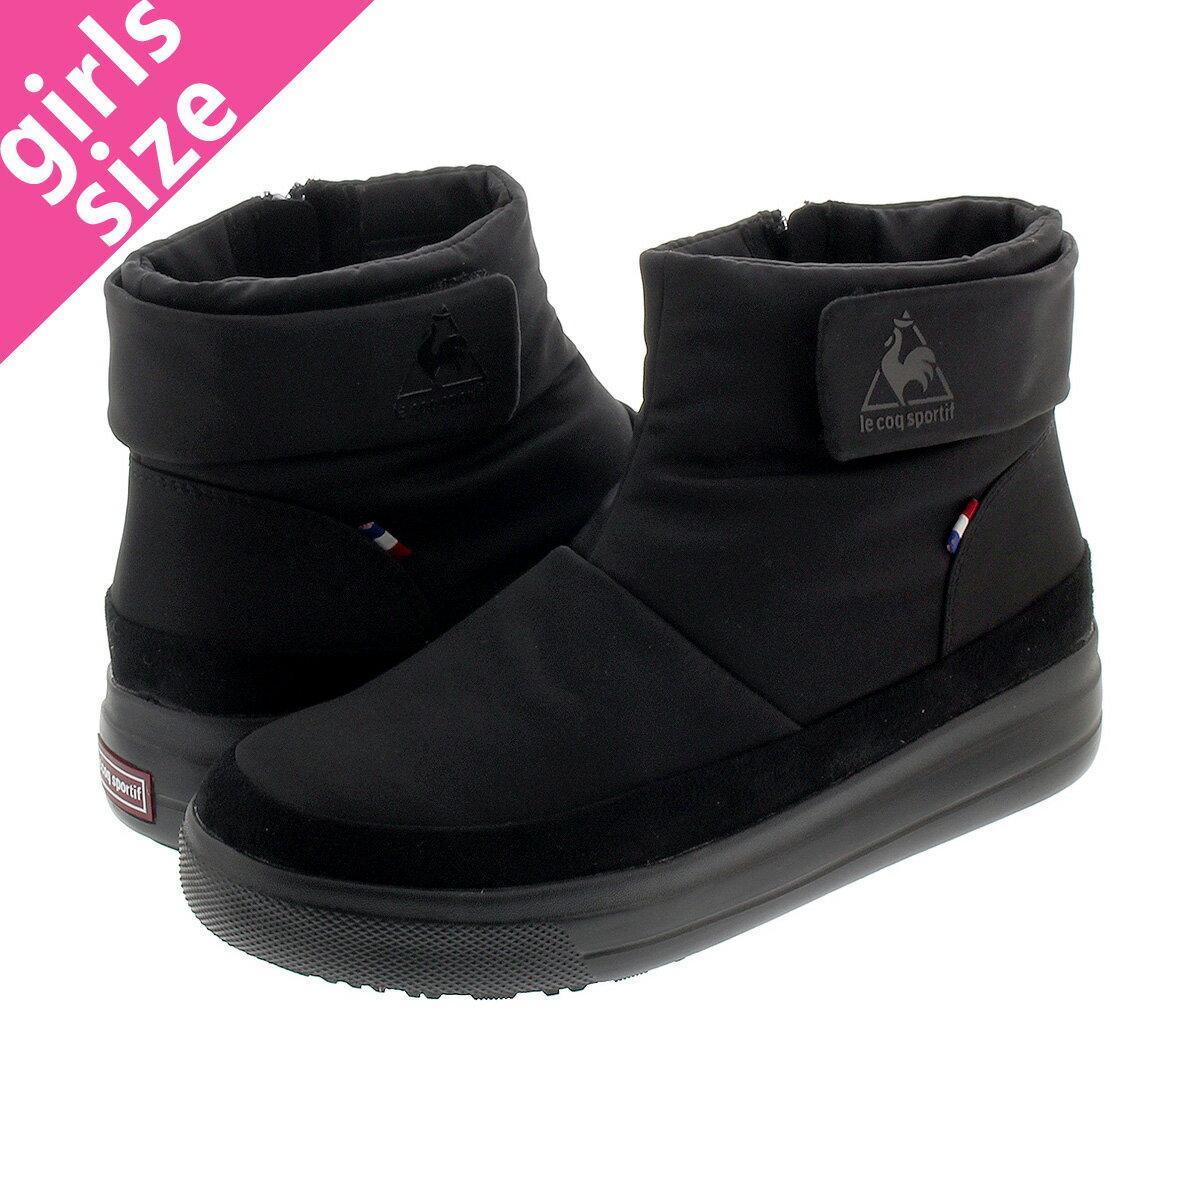 レディース靴, ブーティ le coq sportif TELUNA BB SMART LO BB BLACK ql3ojd81bk